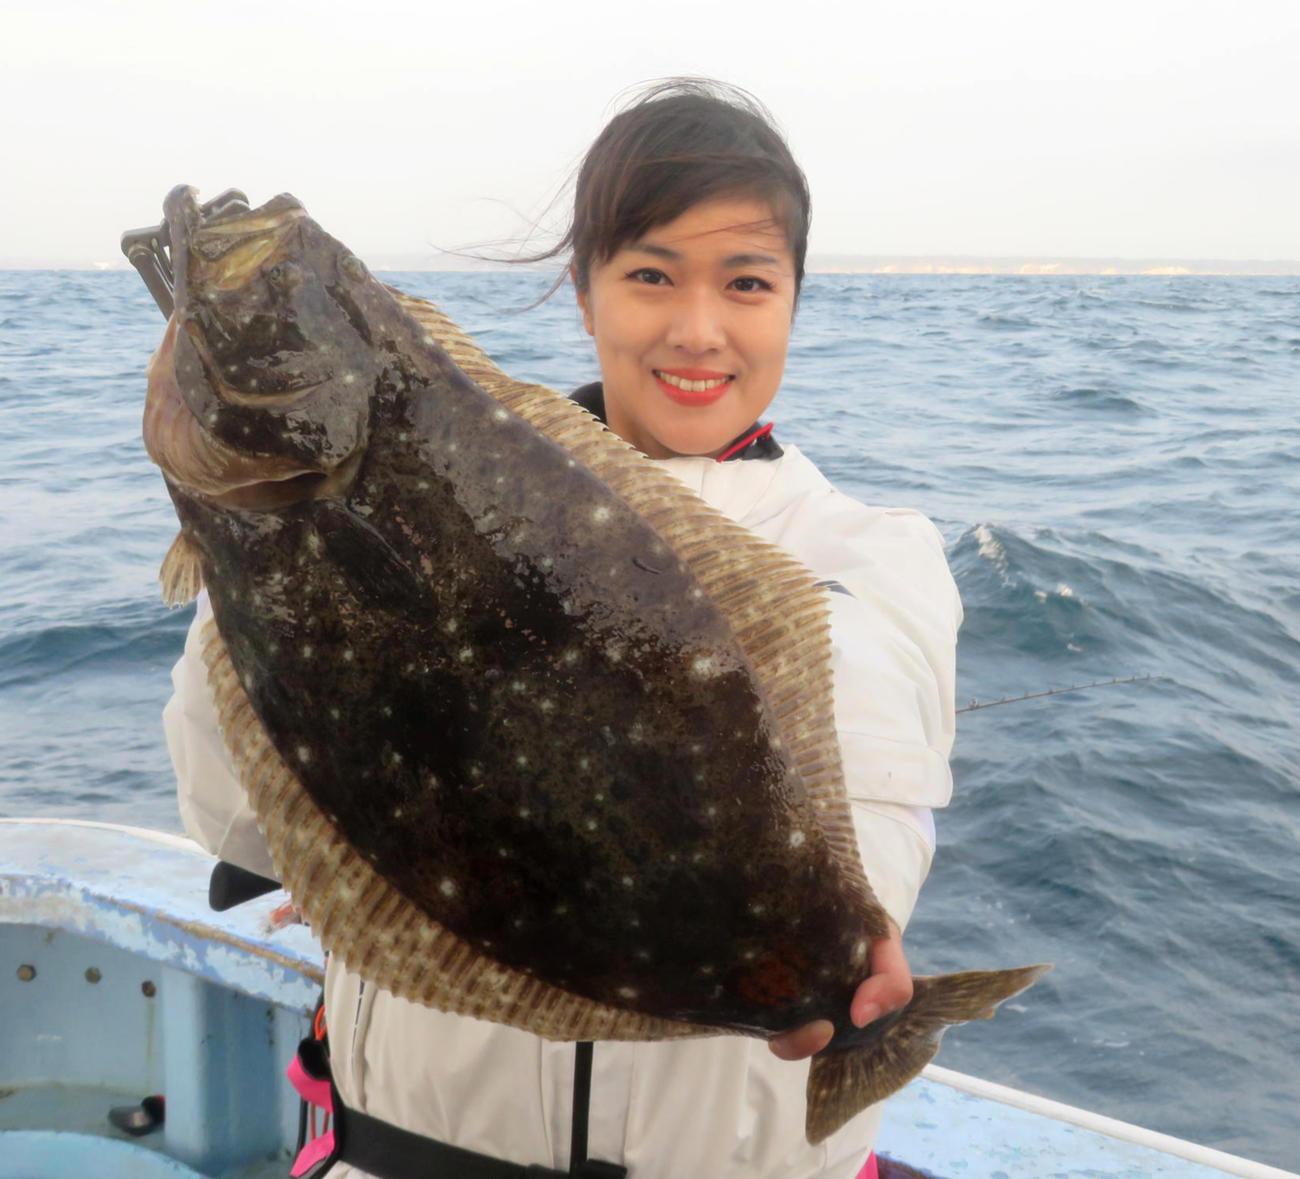 千葉・岩船沖で1・8キロのヒラメを釣り上げ、目標を達成した出光仁美